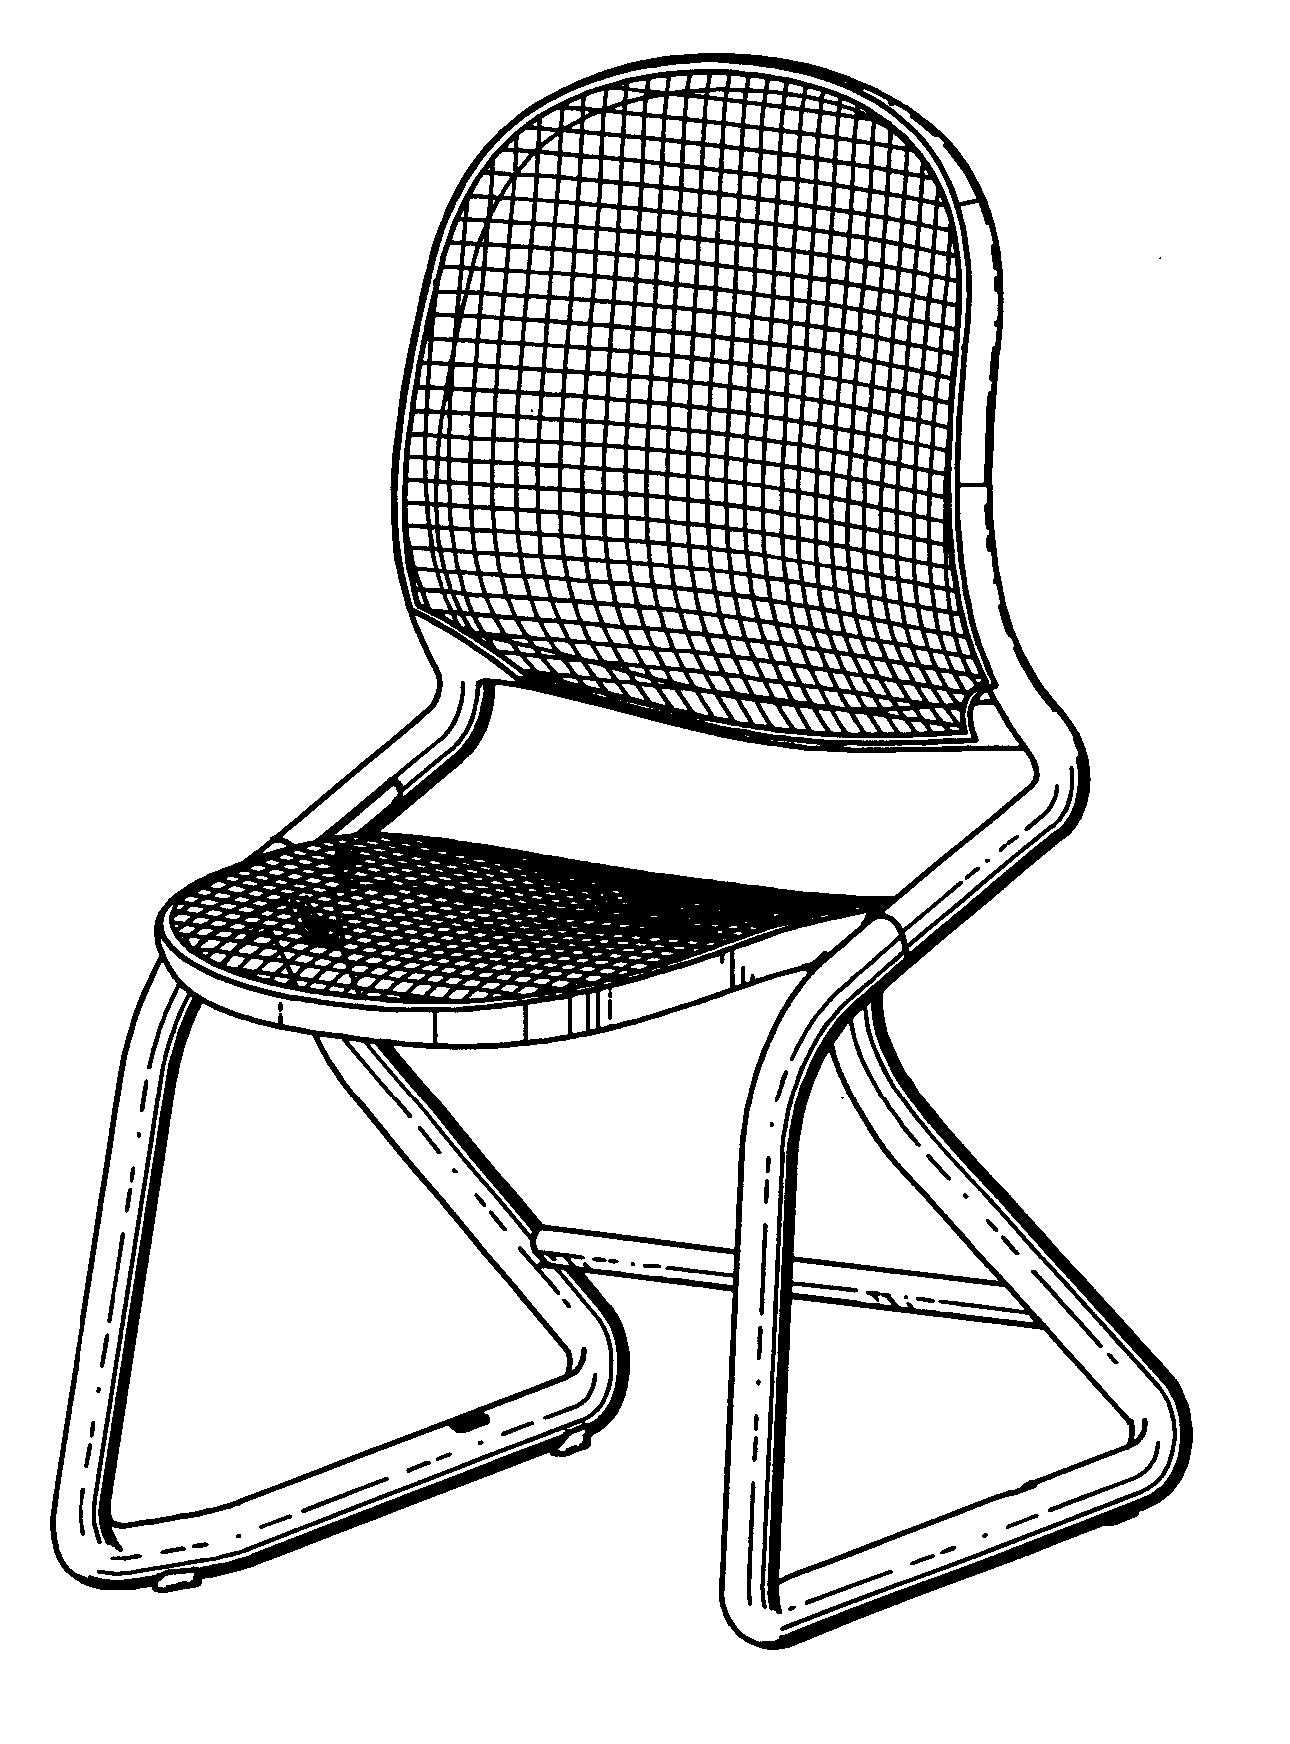 家具 简笔画 手绘 线稿 椅 椅子 1290_1744 竖版 竖屏